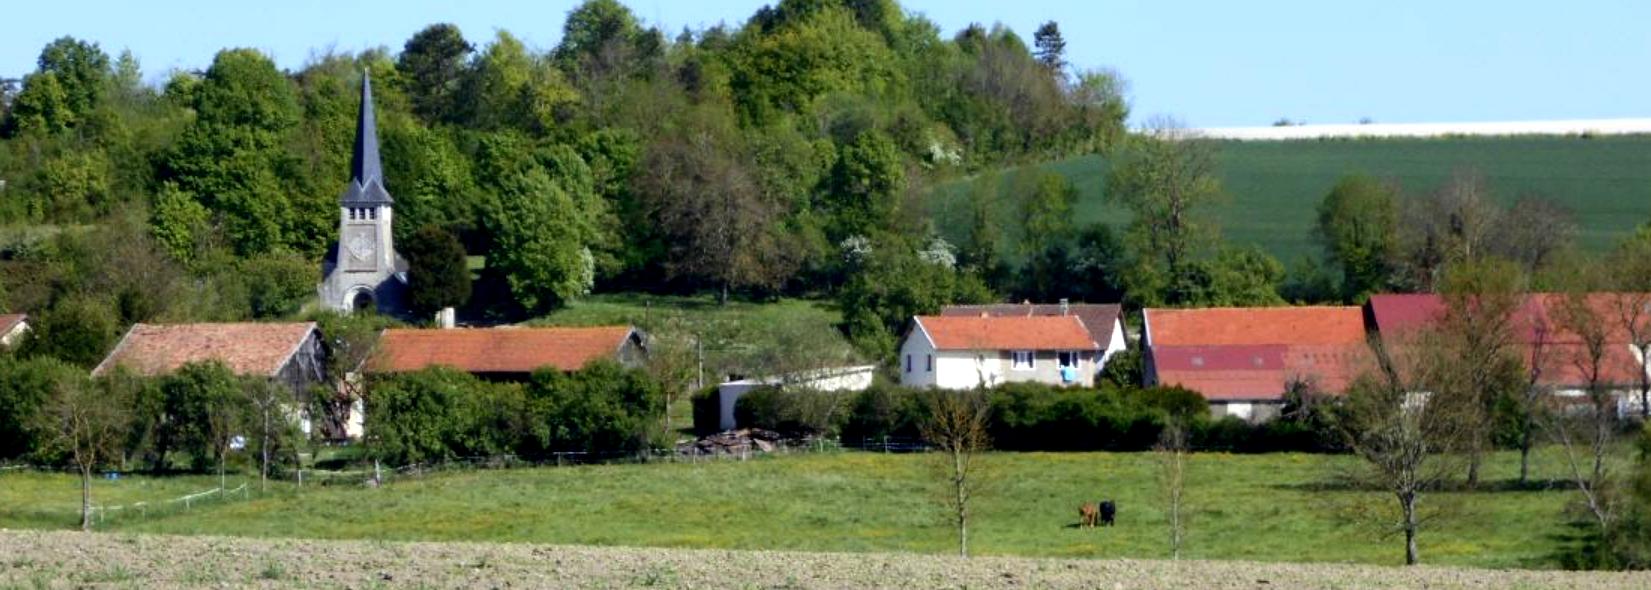 Fontaine-en-Dormois (51) Vue générale